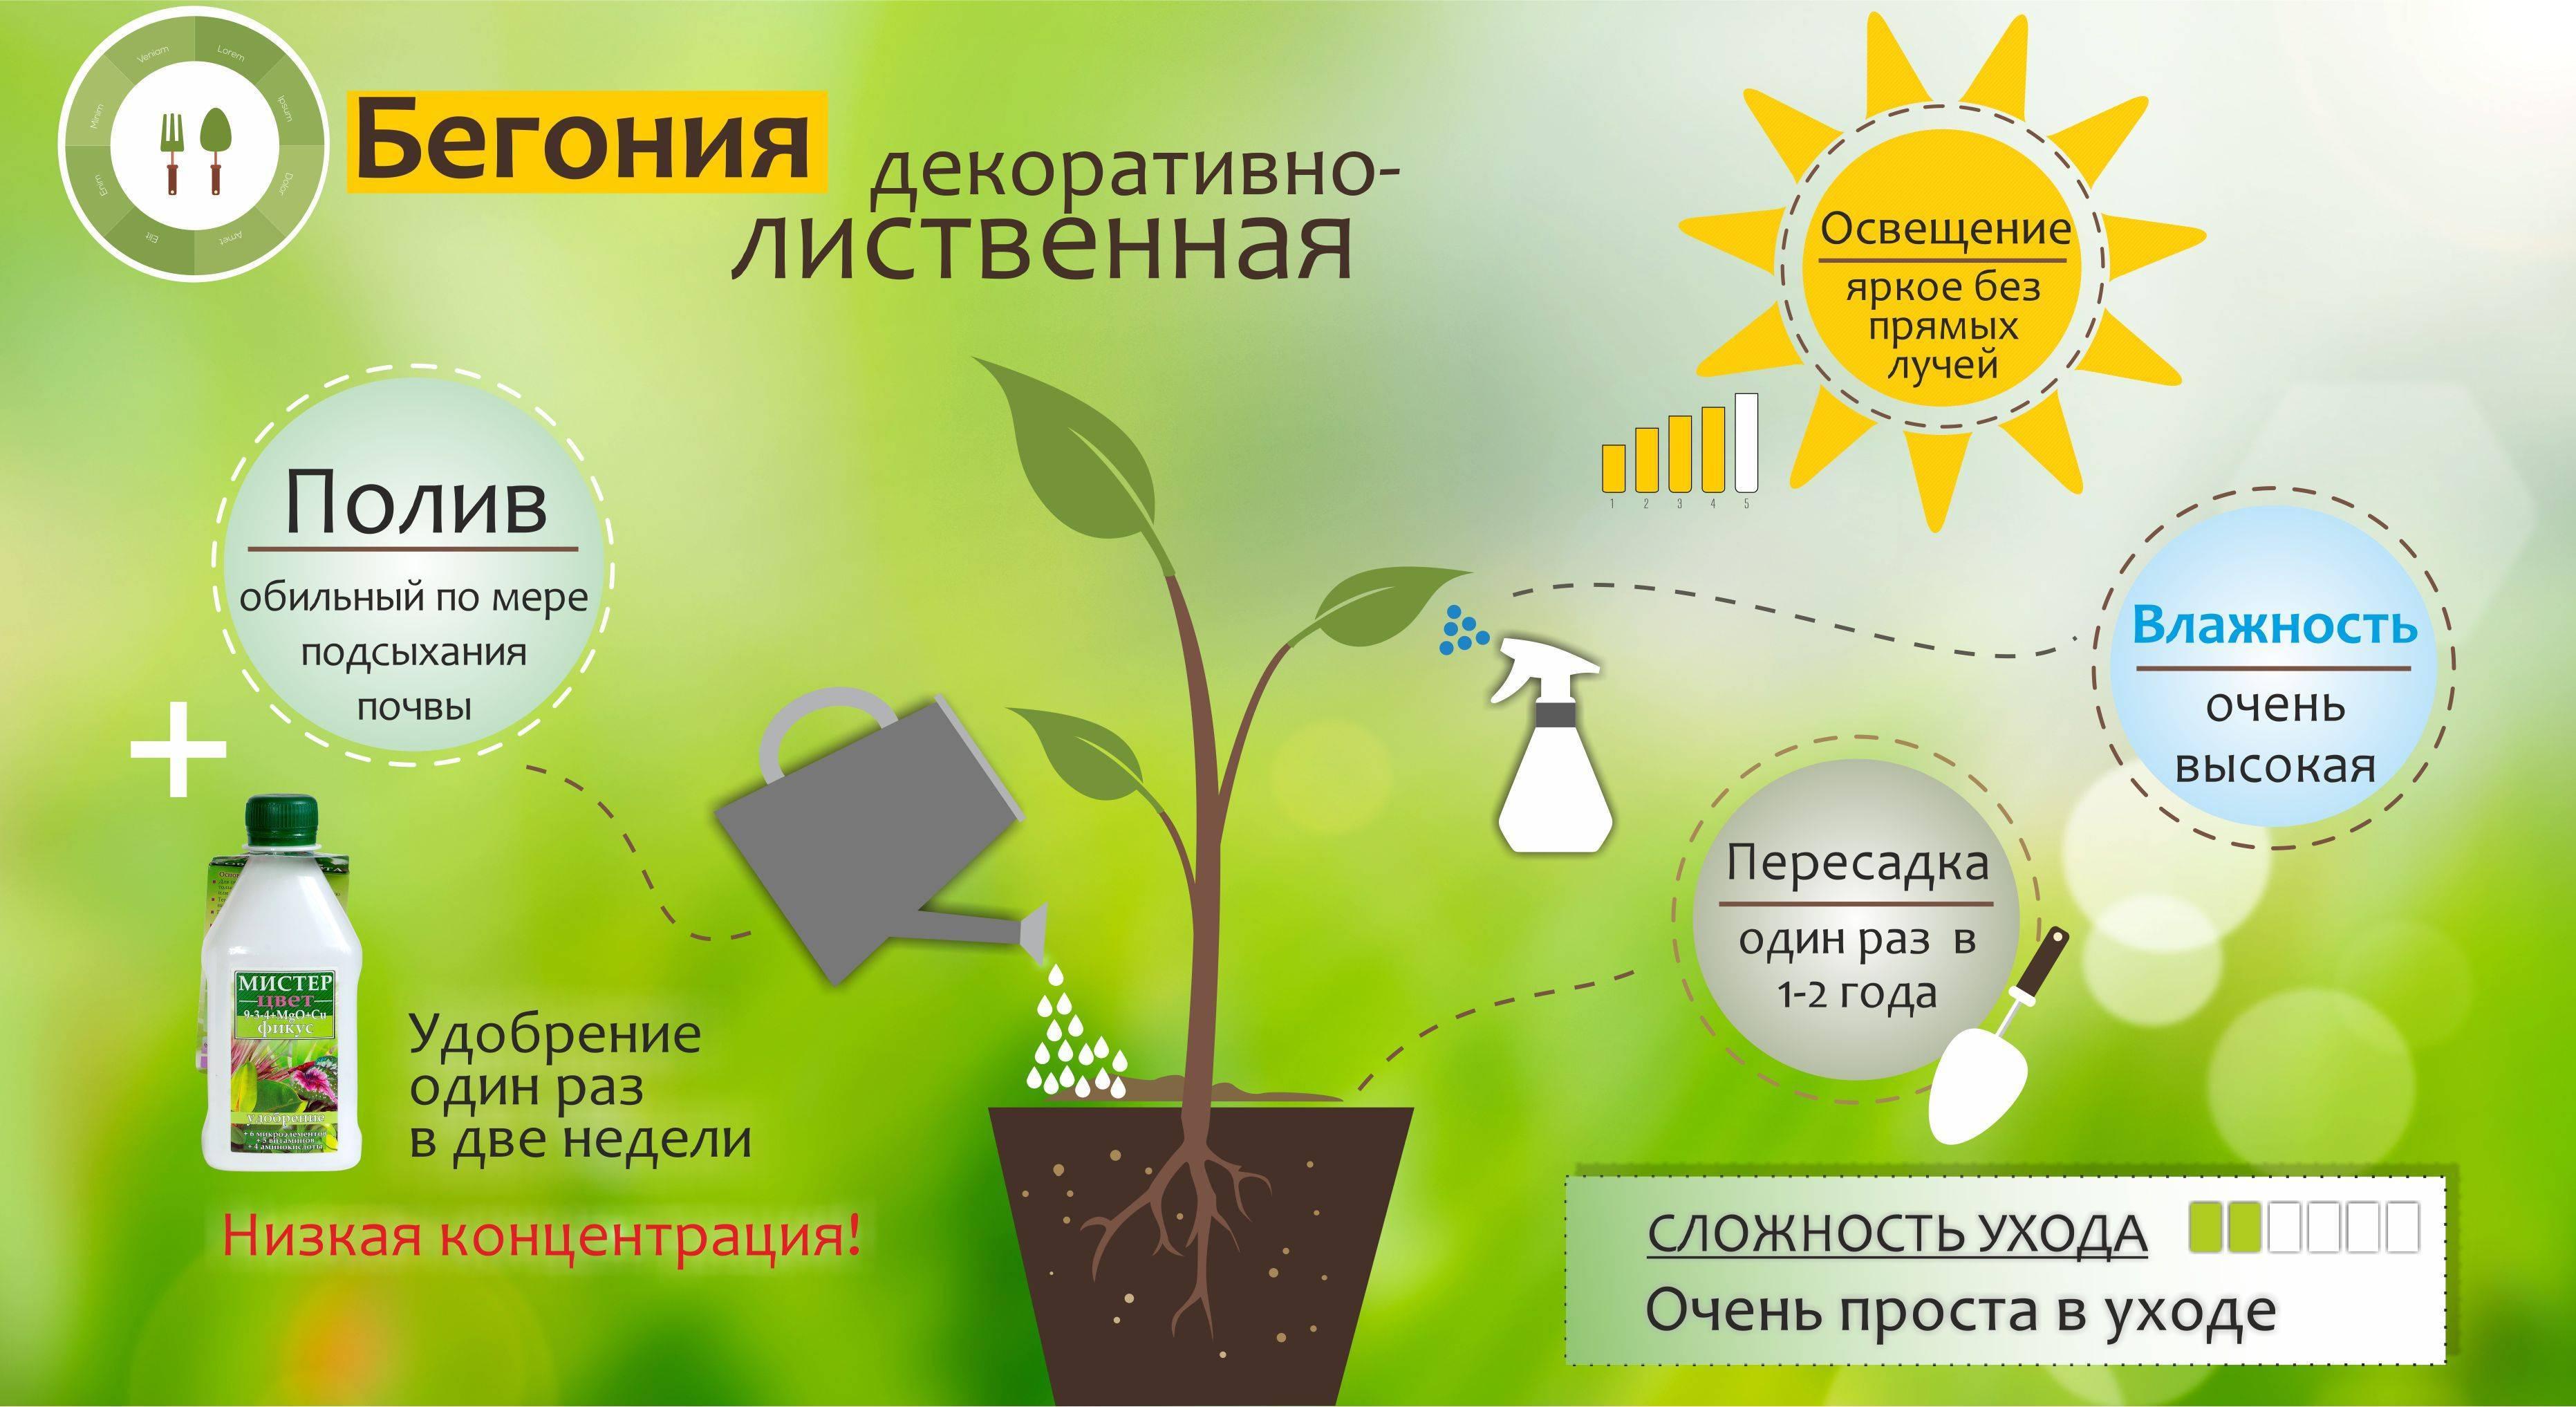 Растение чайное дерево: фото комнатного куста, видео выращивания, уход в домашних условиях, применение эфирного масла